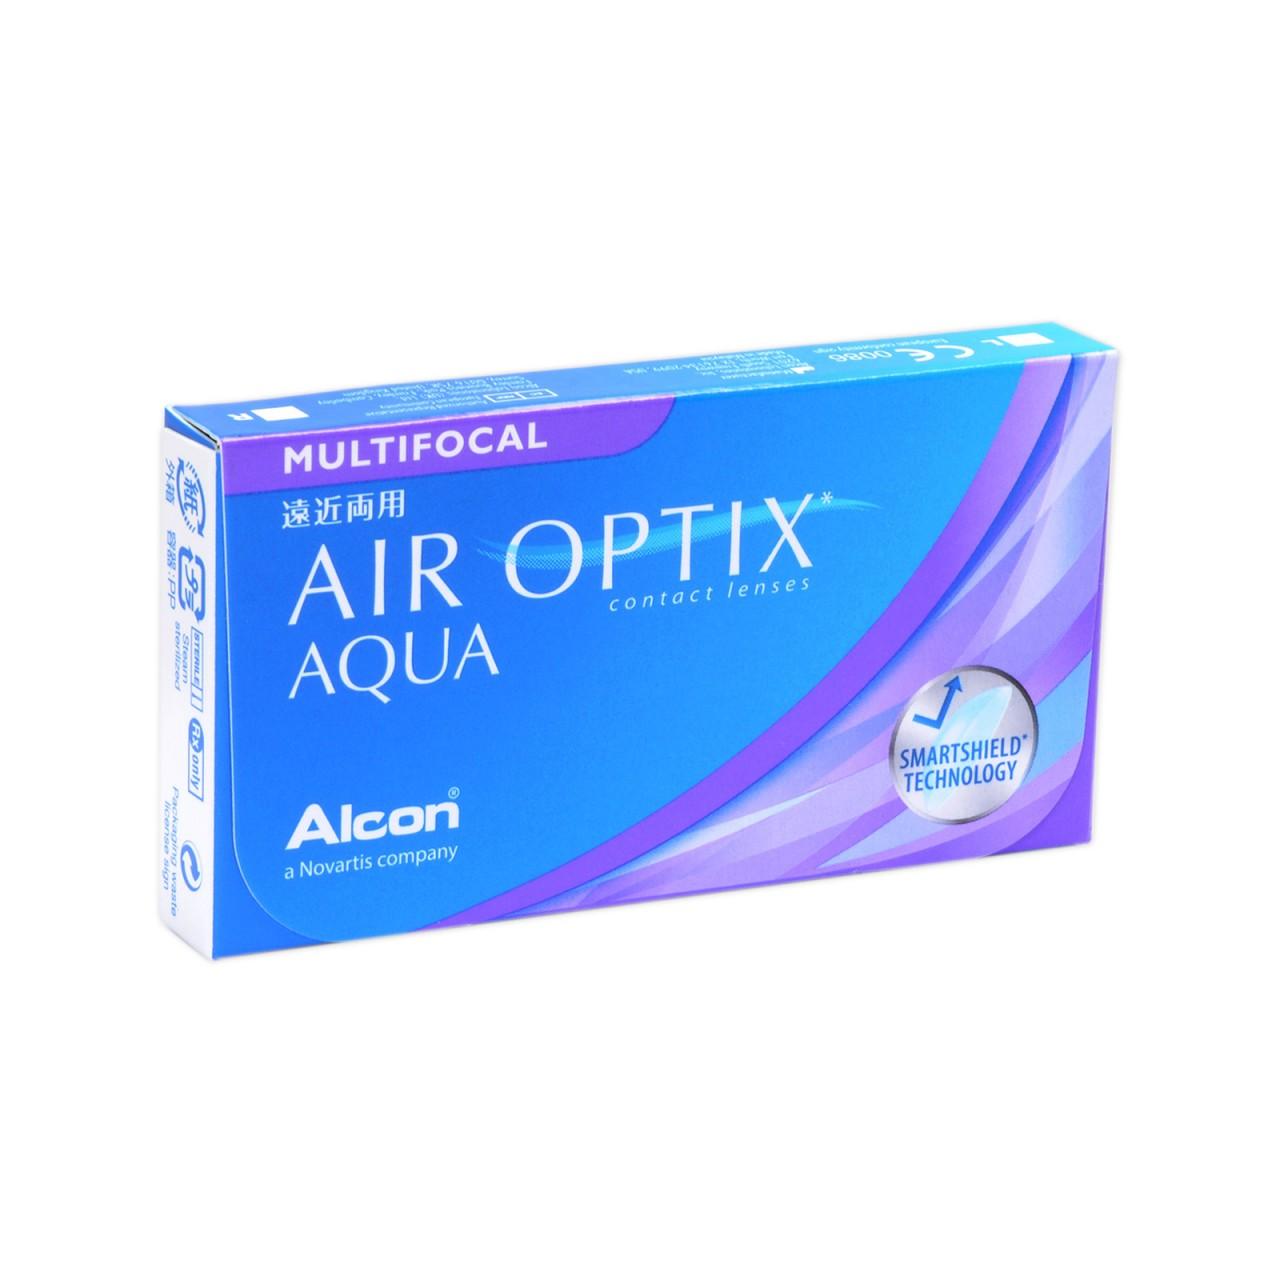 Alcon Air Optix Aqua Multifocal - 6er Box